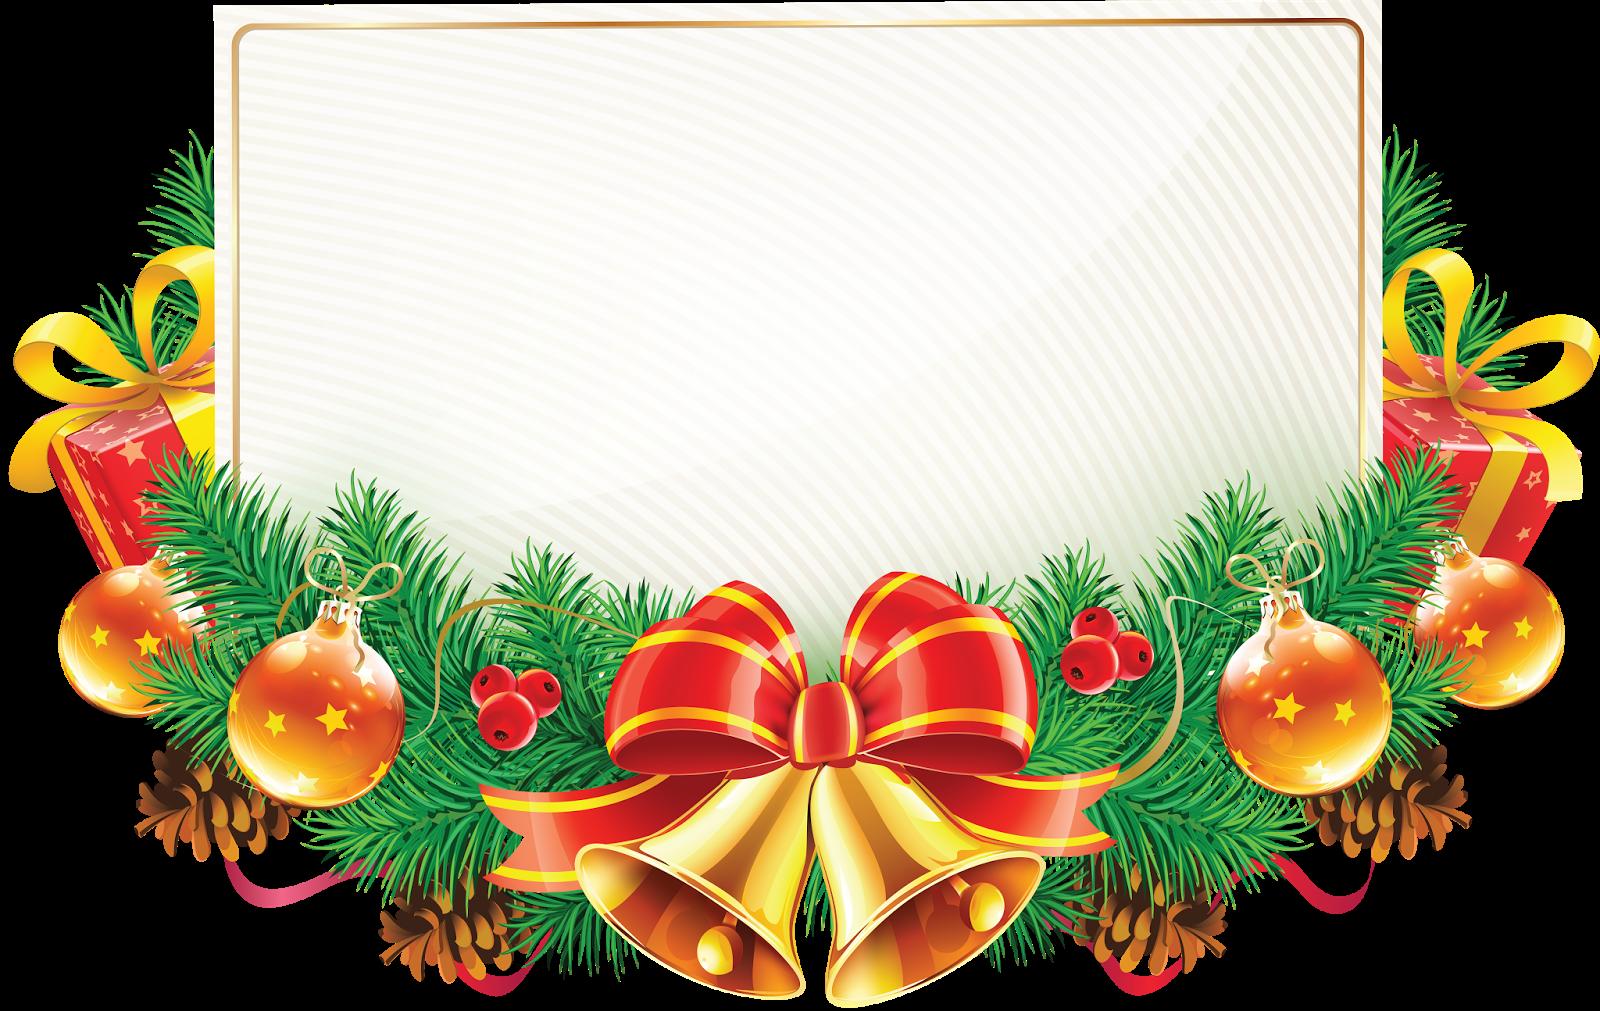 Fondos De Navidad En Hdboxbaster: Decoracion Navidad, Adornos